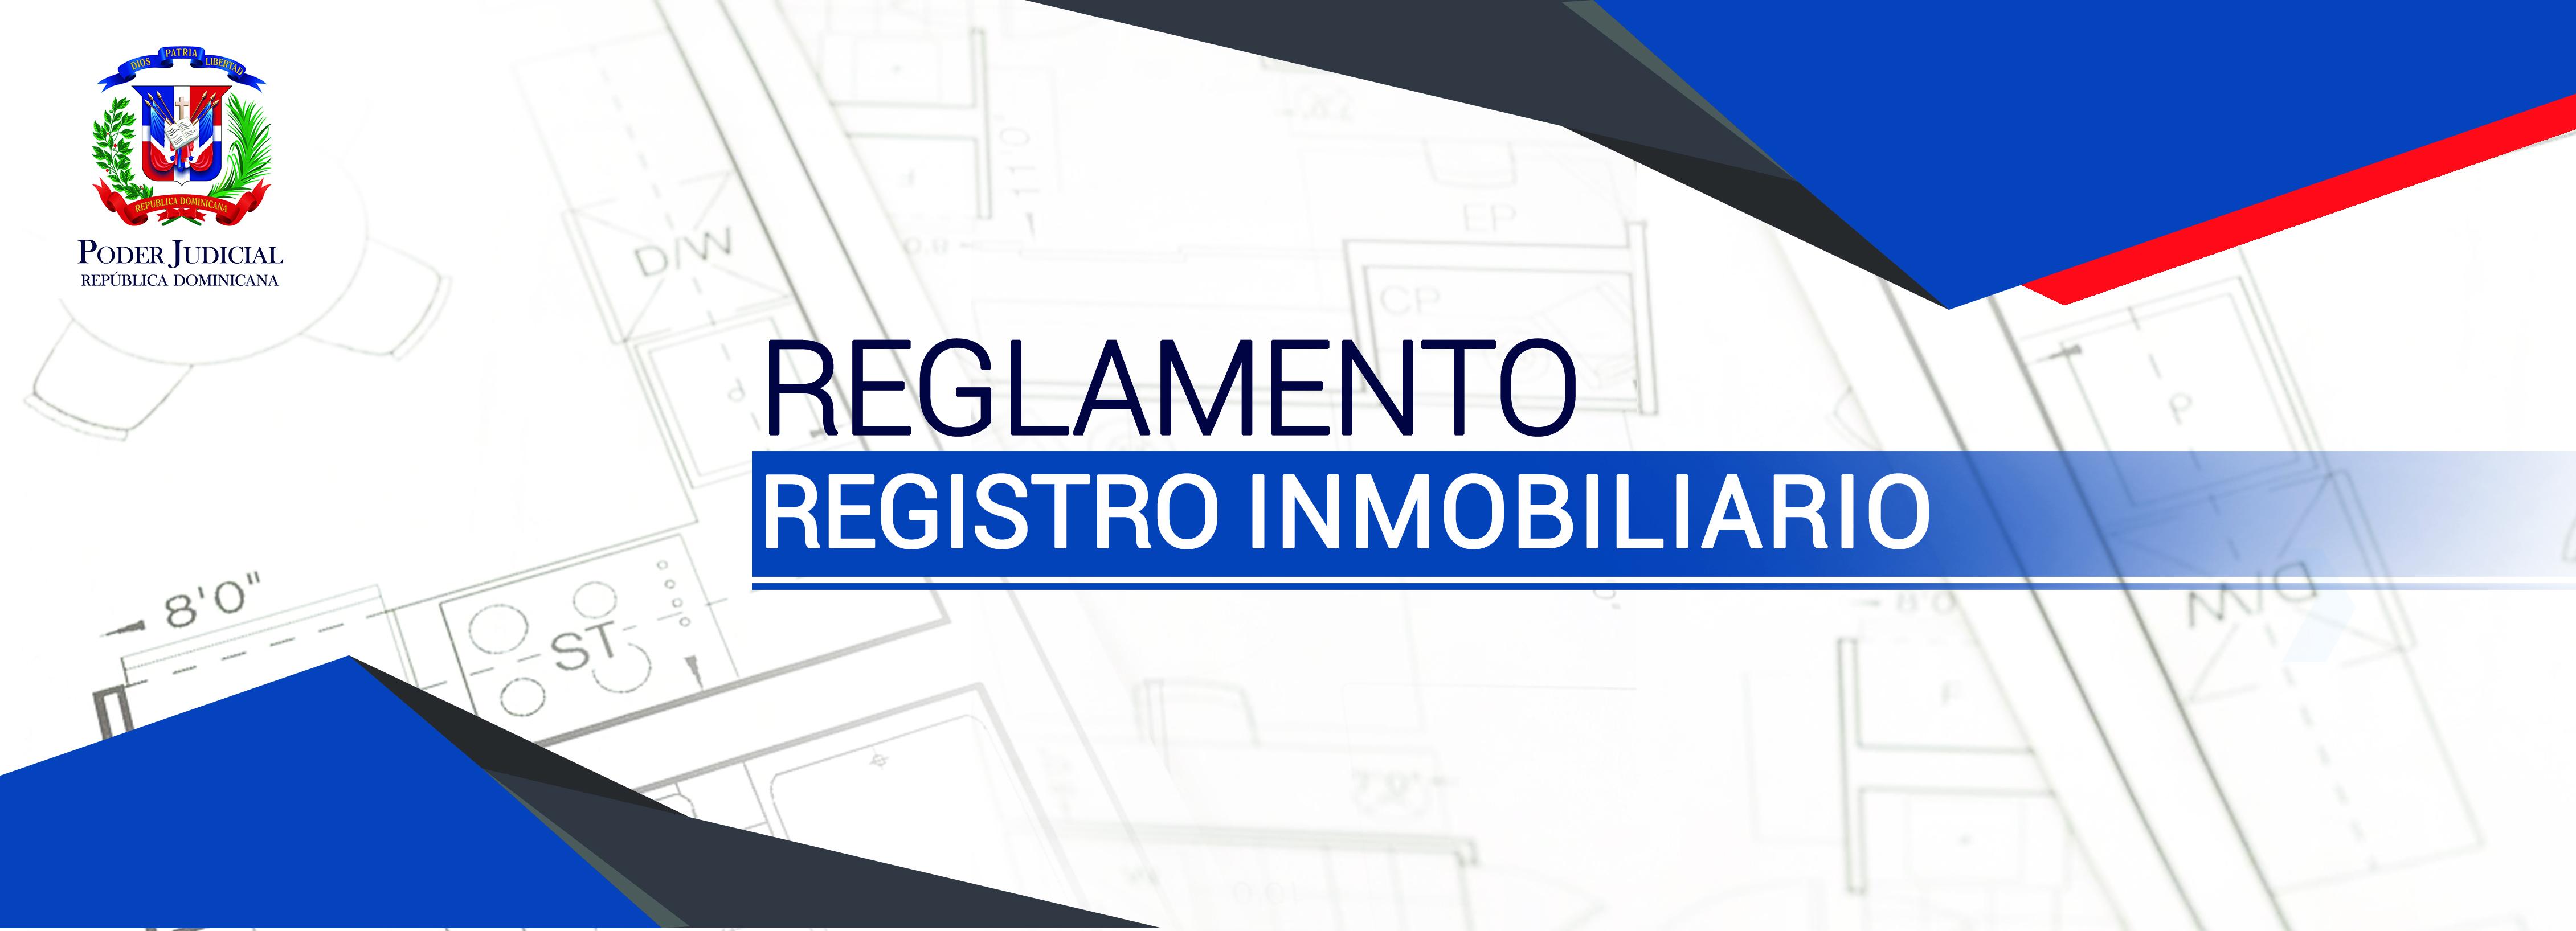 CPJ pone en consulta pública el Reglamento de Registro Inmobiliario